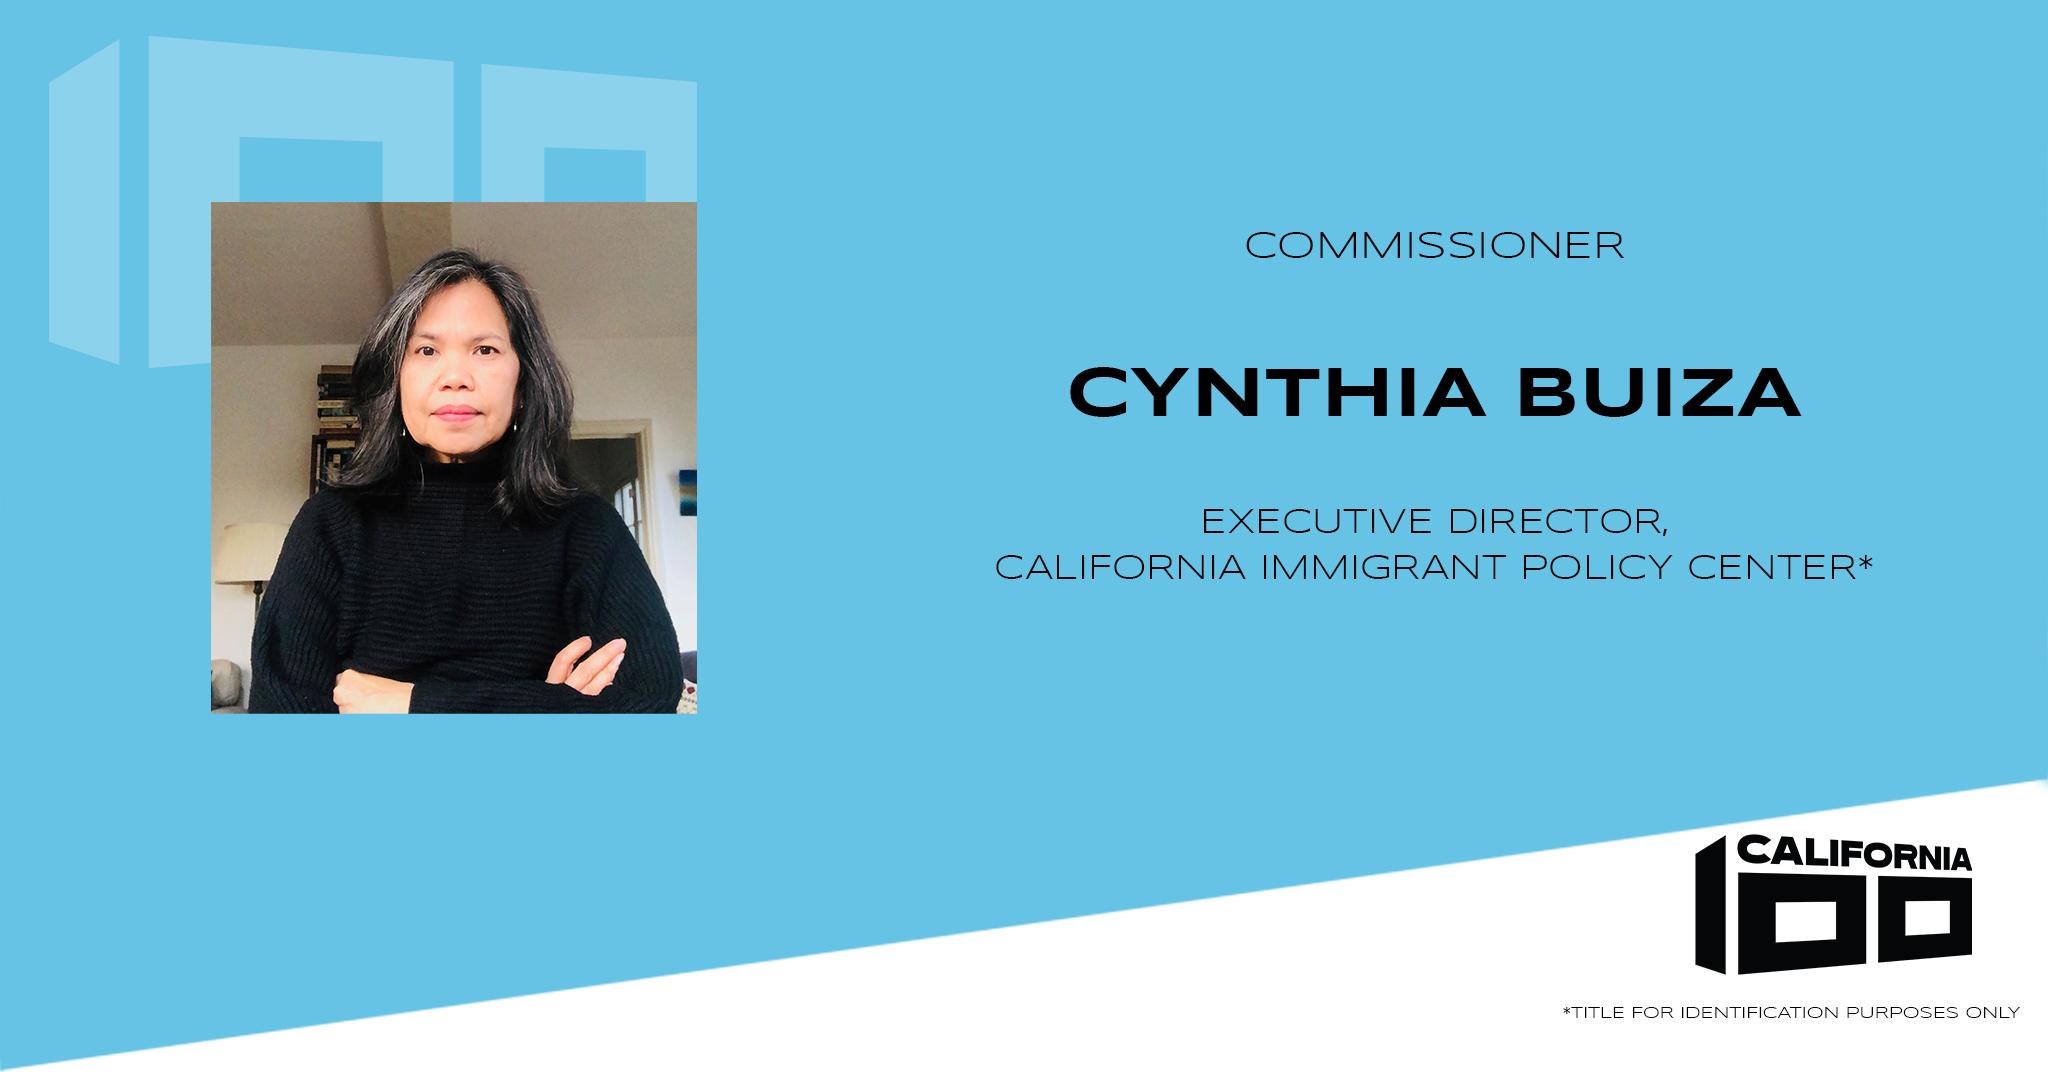 Cynthia Buiza